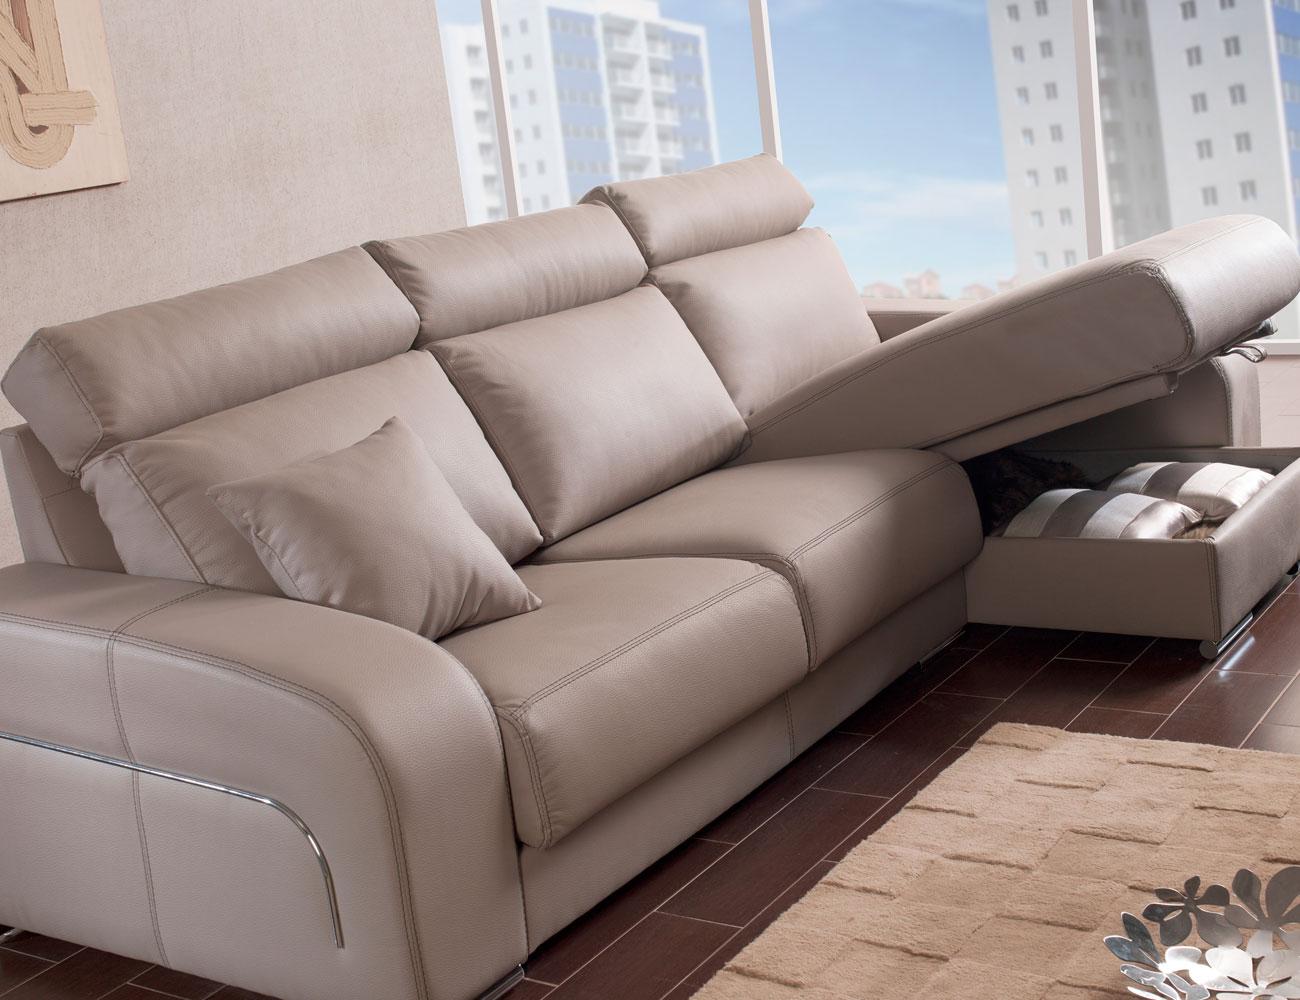 Sofa chaiselongue moderno pared cero arcon61